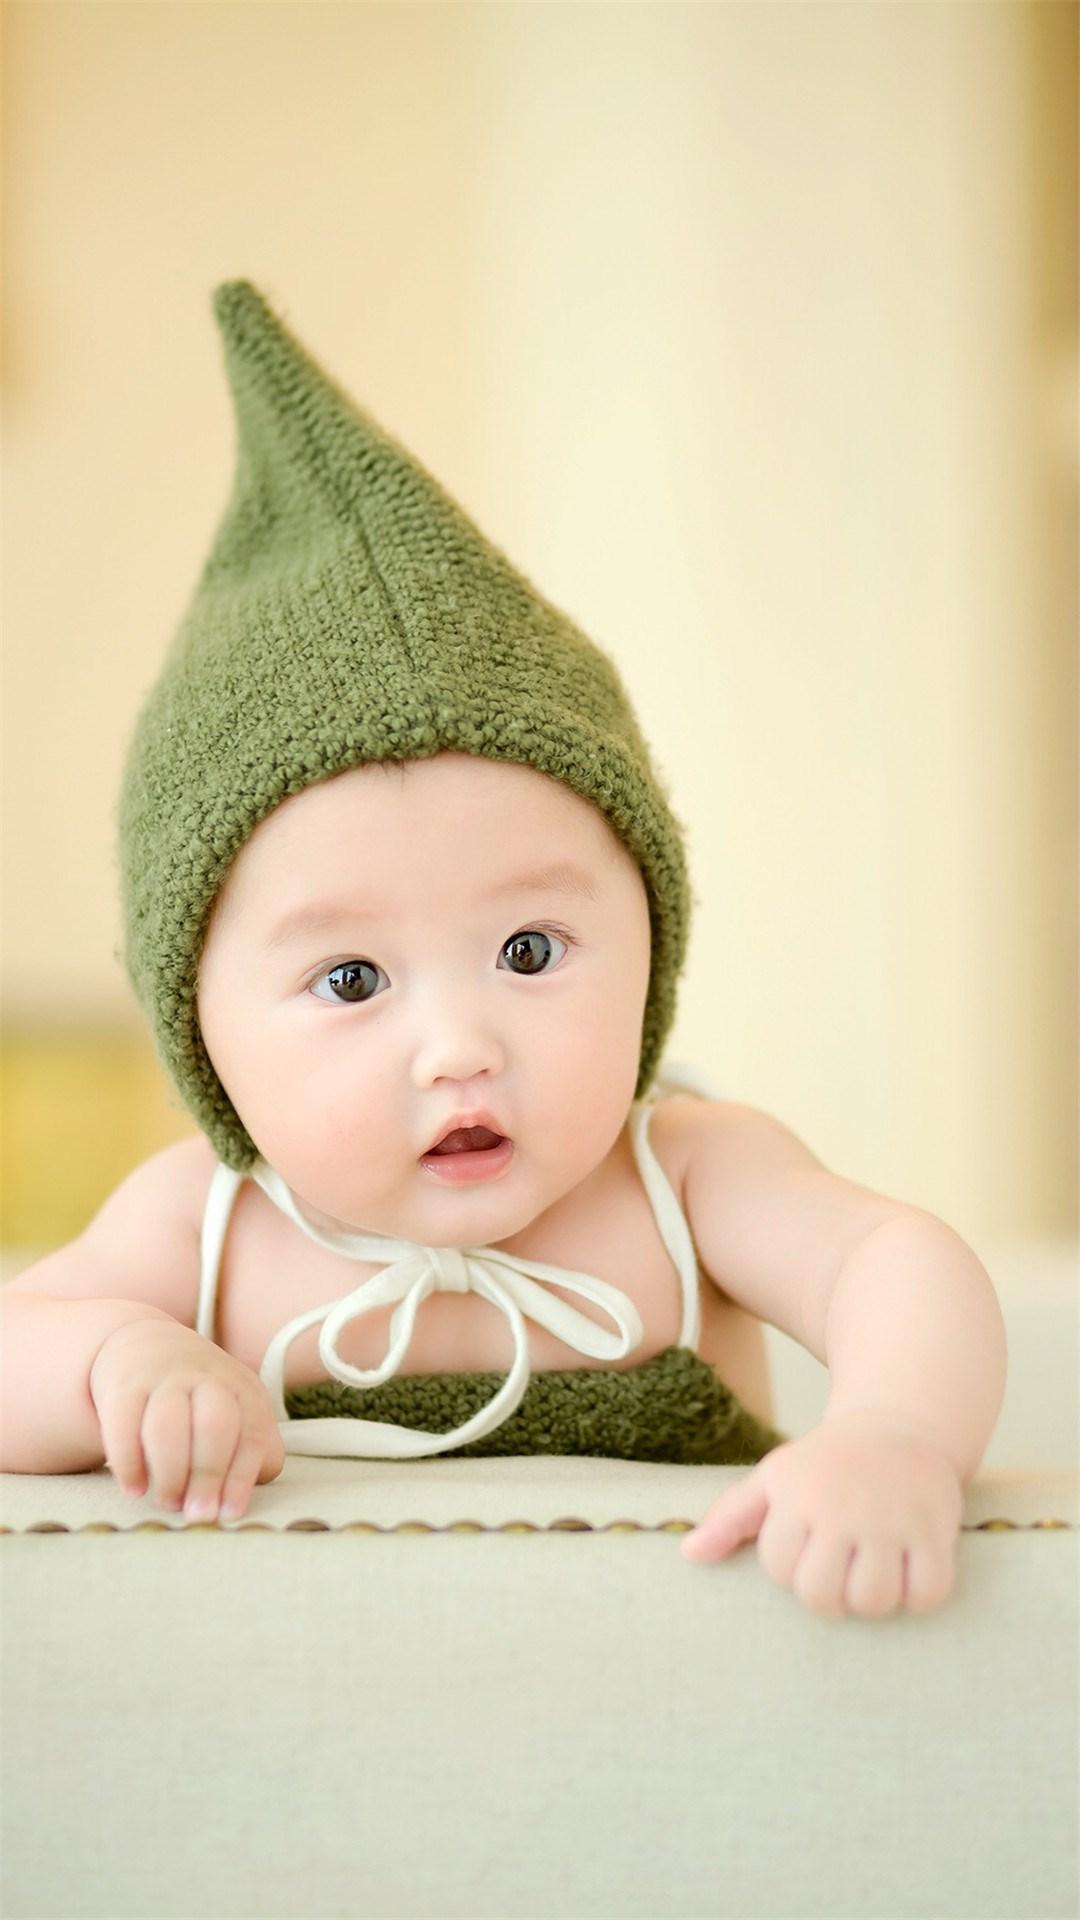 宝宝 壁纸 儿童 孩子 小孩 婴儿 1080_1920 竖版 竖屏 手机